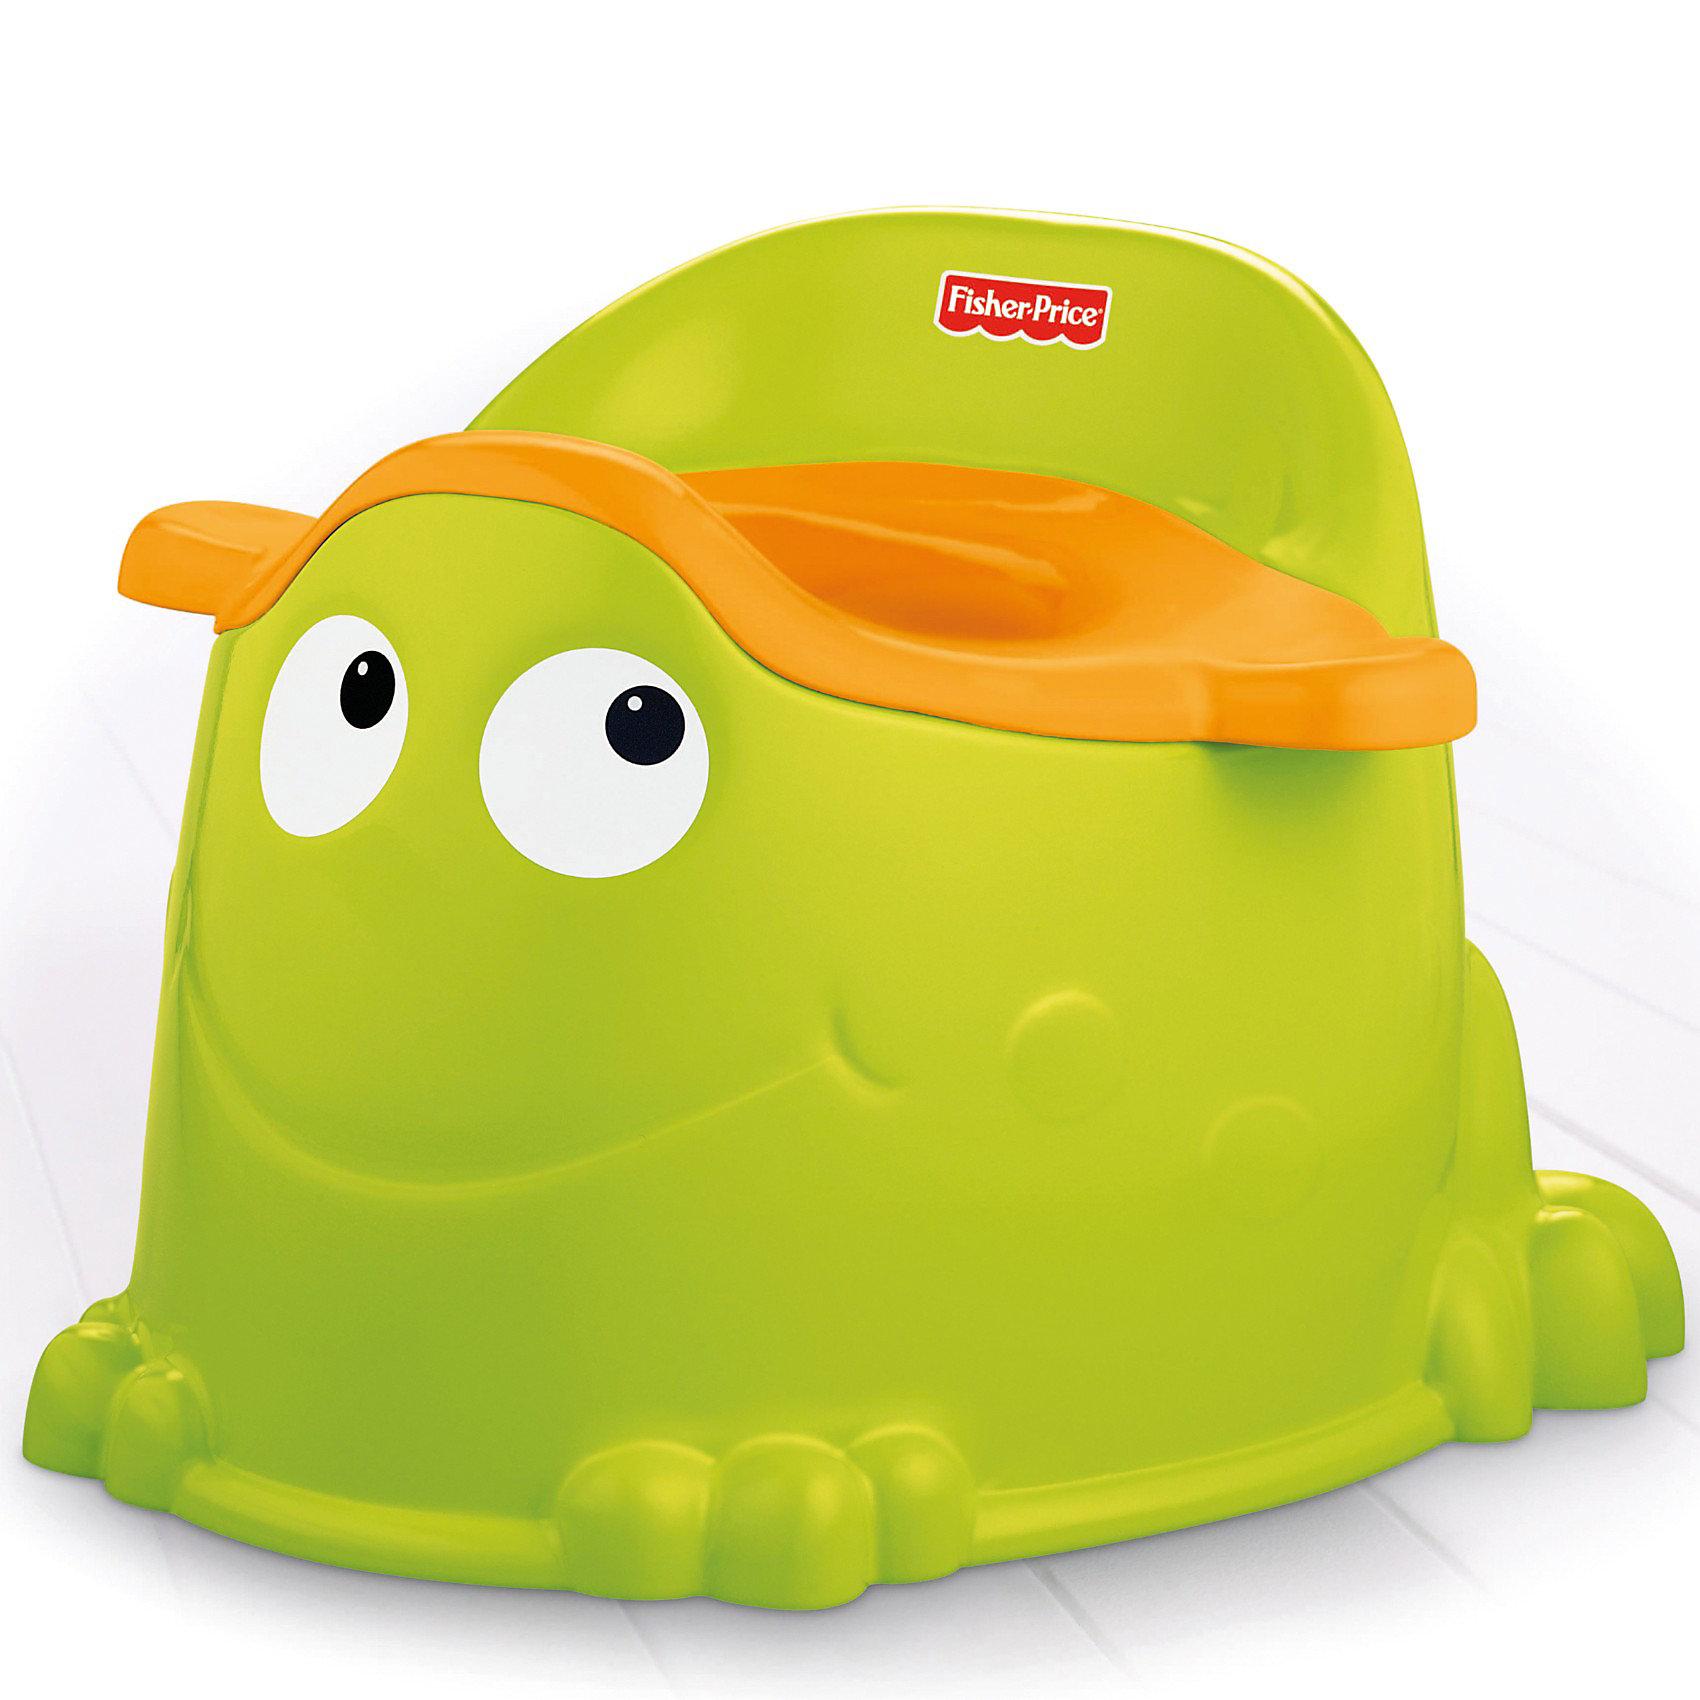 Mattel Горшок Зеленый лягушонок, Fisher-price купить горшок для пальмы большой